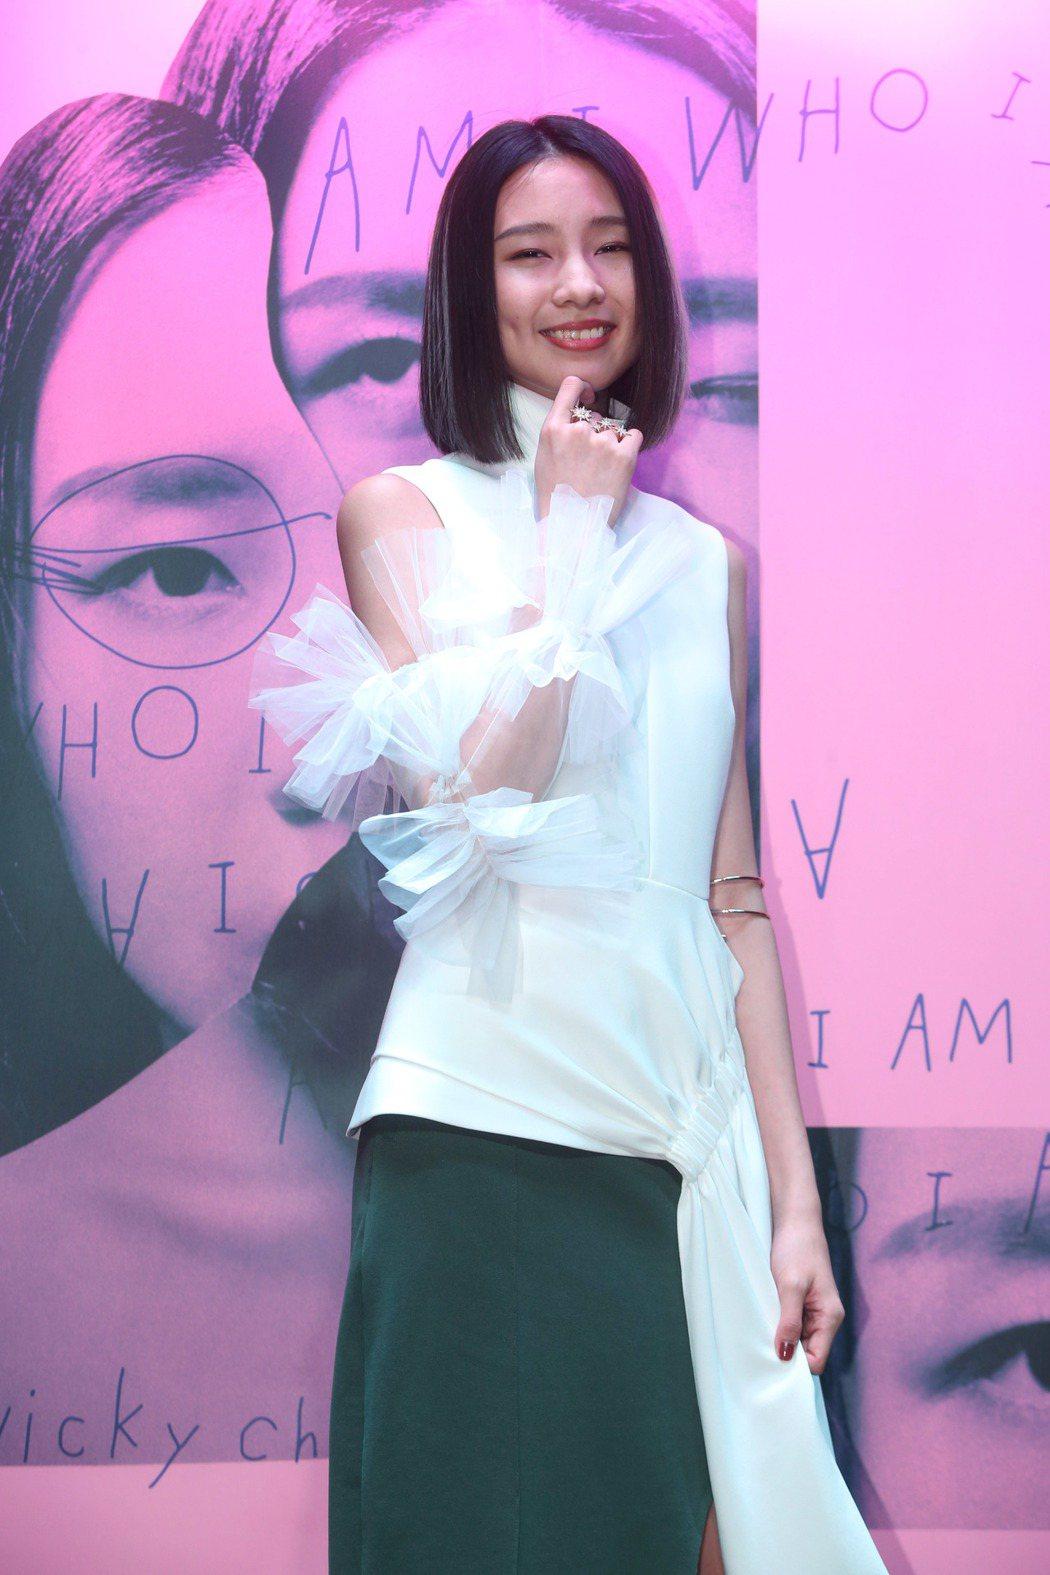 陳忻玥首張專輯「AM I WHO I AM」發片,陳忻玥現場演唱「炙愛」和「AM